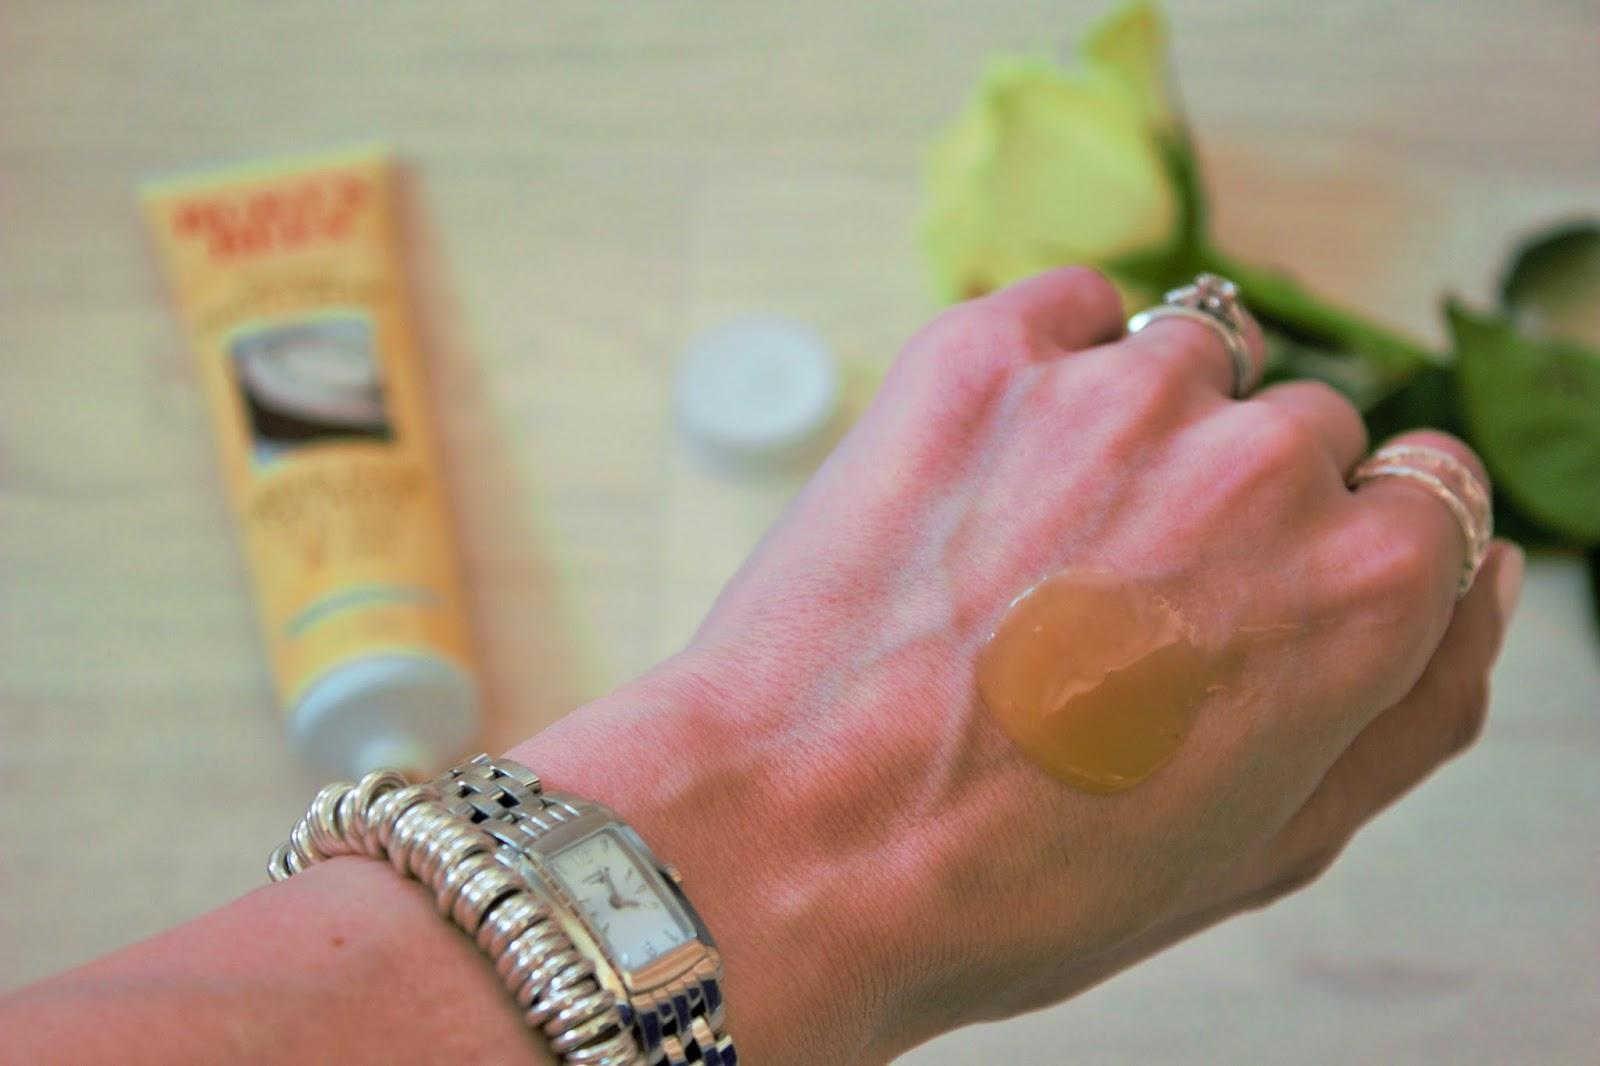 Burt's Bees Coconut Foot Cream - Swatched